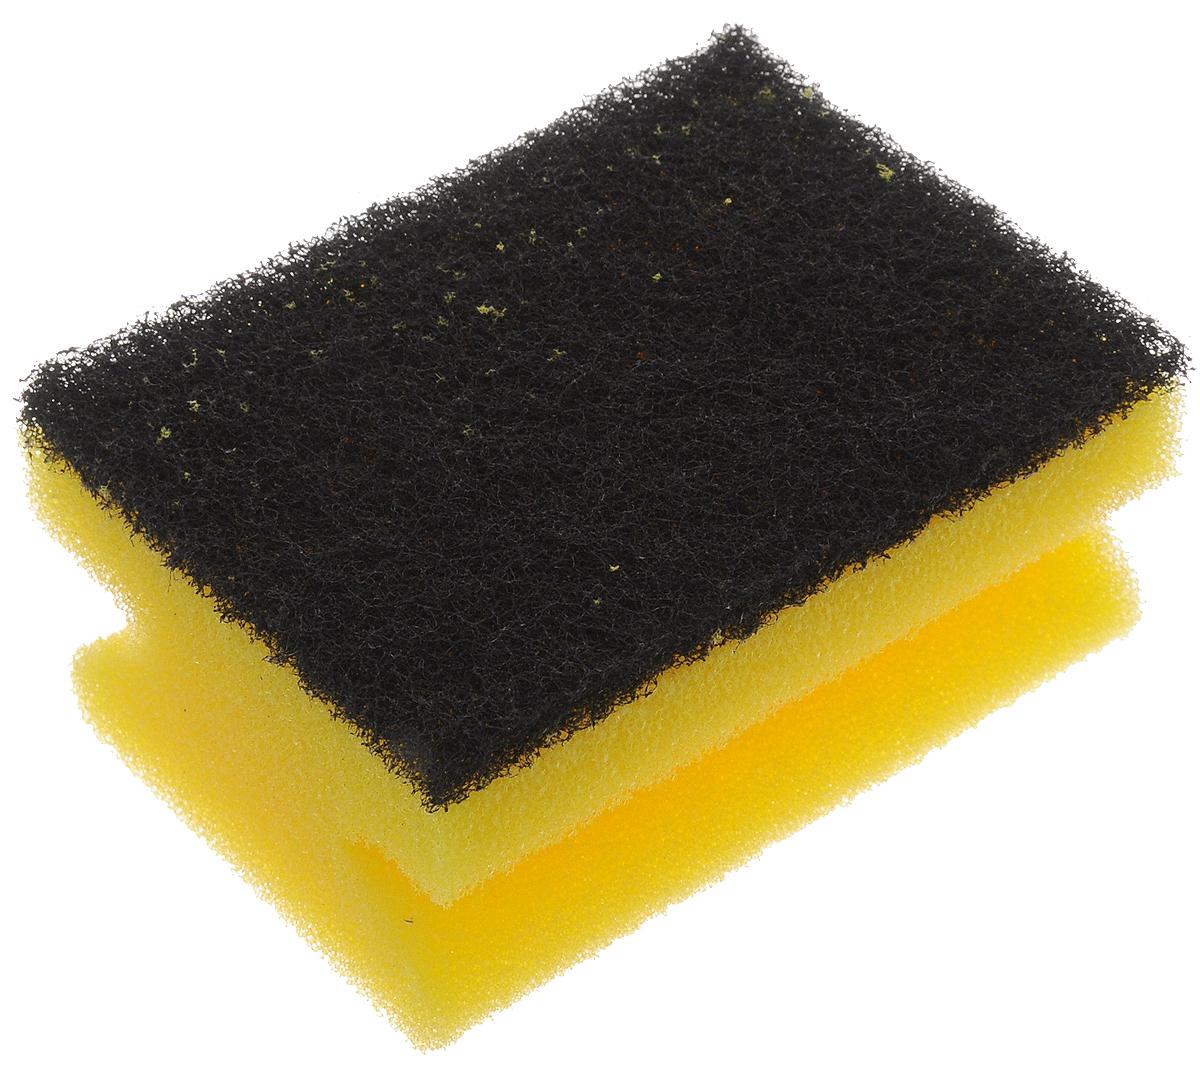 Губка для мытья посуды Paterra Super Aktiv, с лавсаном, 9,5 х 7 х 4,5 смK100Губка Paterra Super Aktiv выполнена из полиуретана с абразивным слоем с вкраплениями из лавсана для увеличения чистящего эффекта. Губка не деформируется и не крошится при нагрузках. Специальный клеевой шов не позволяет слоям отслаиваться в процессе использования. Губка предназначена для мытья стойких загрязнений на посуде.